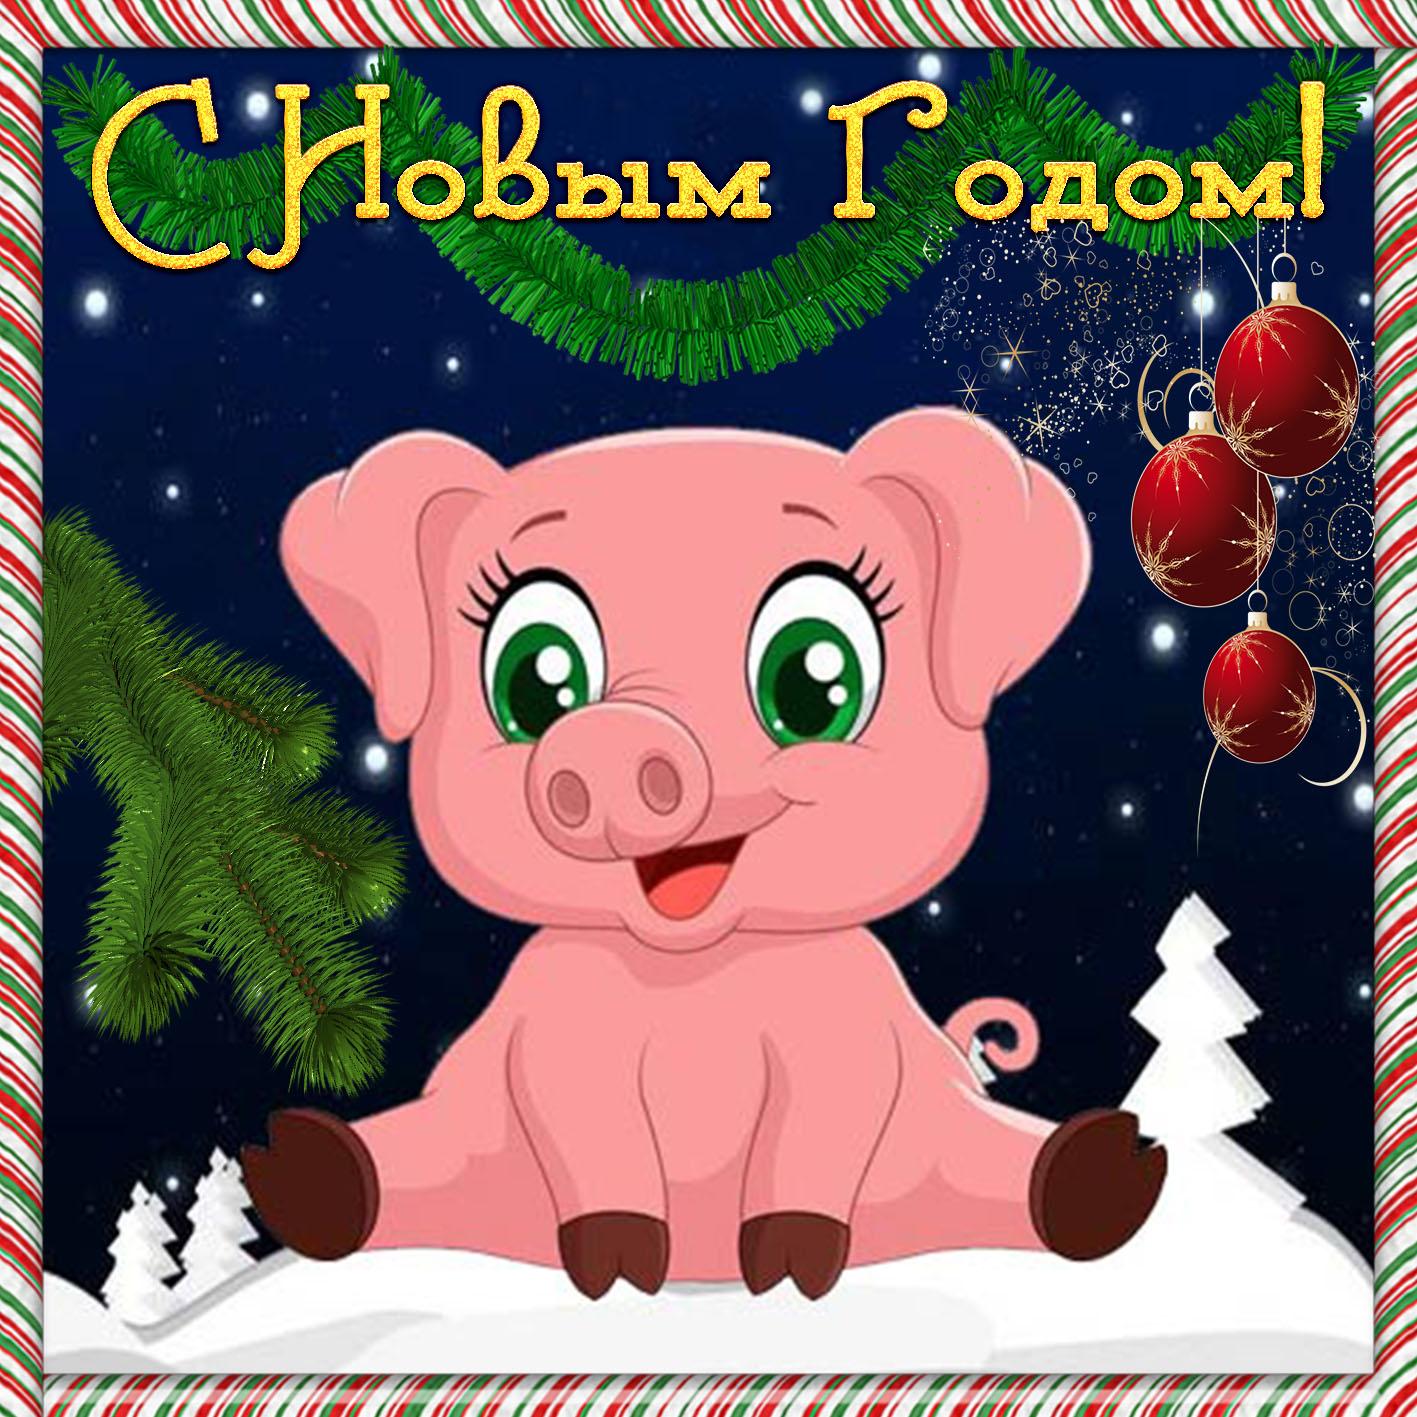 Открытка с Новым годом - симпатичная свинья в пёстрой рамочке